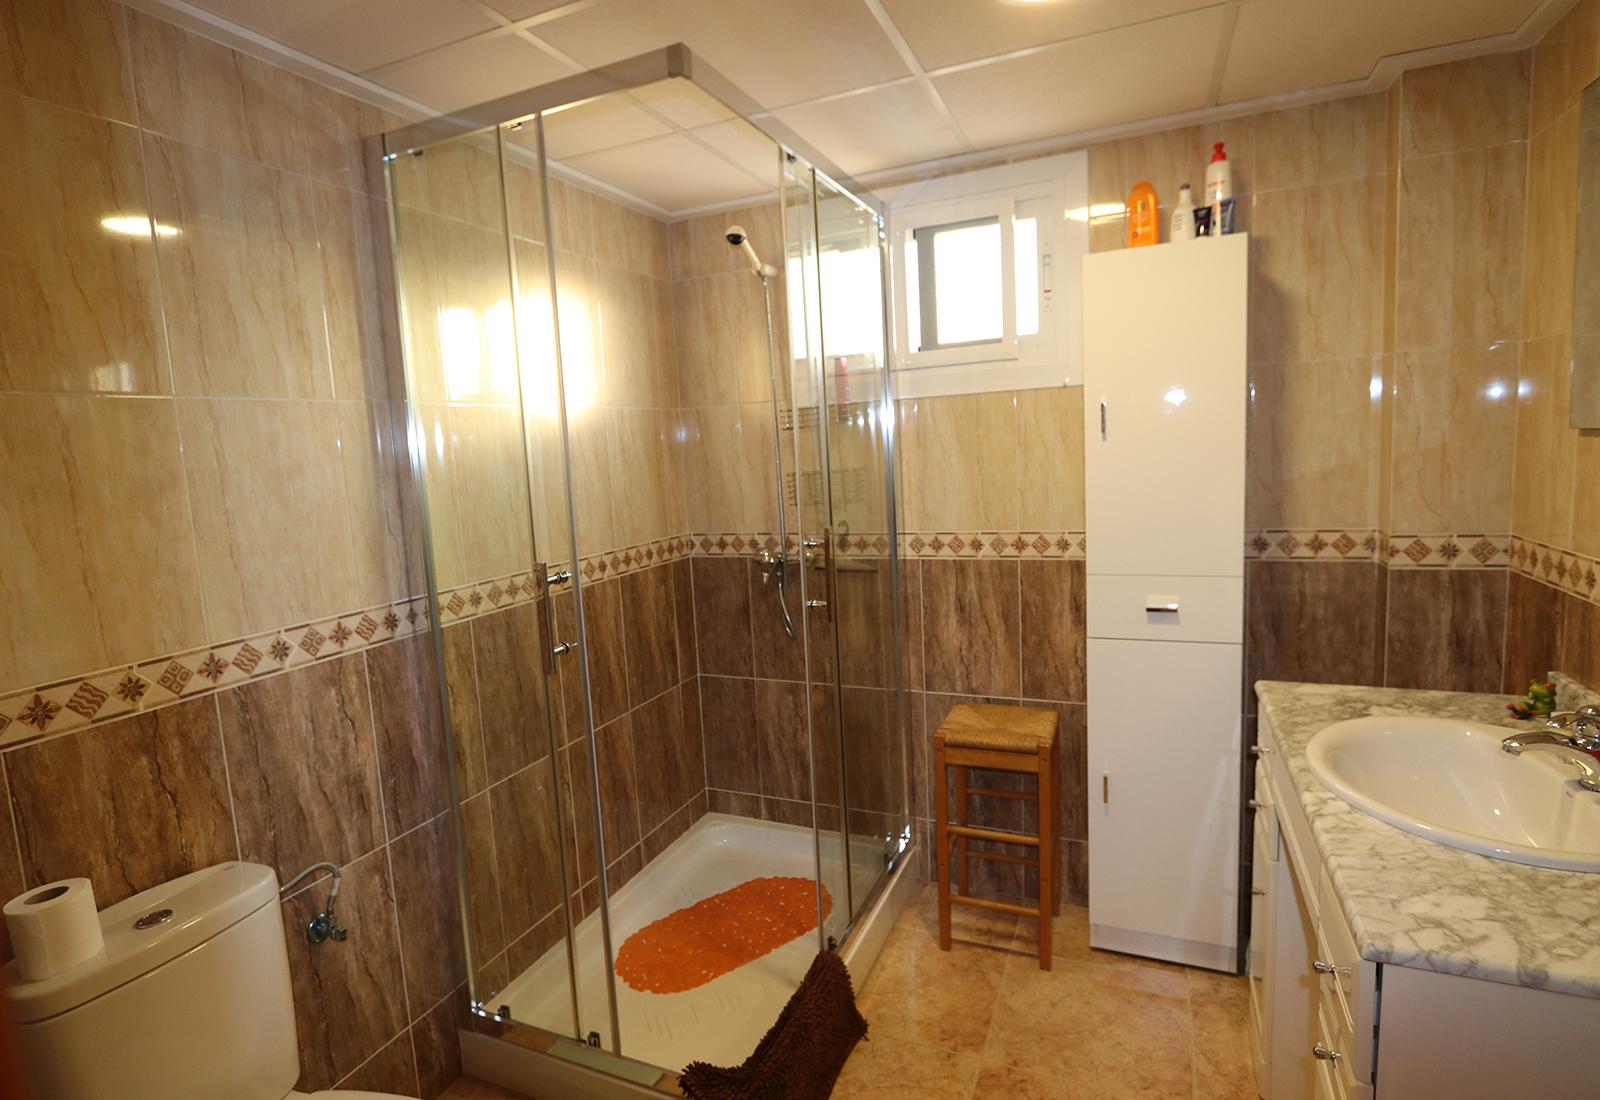 CA bath1 1